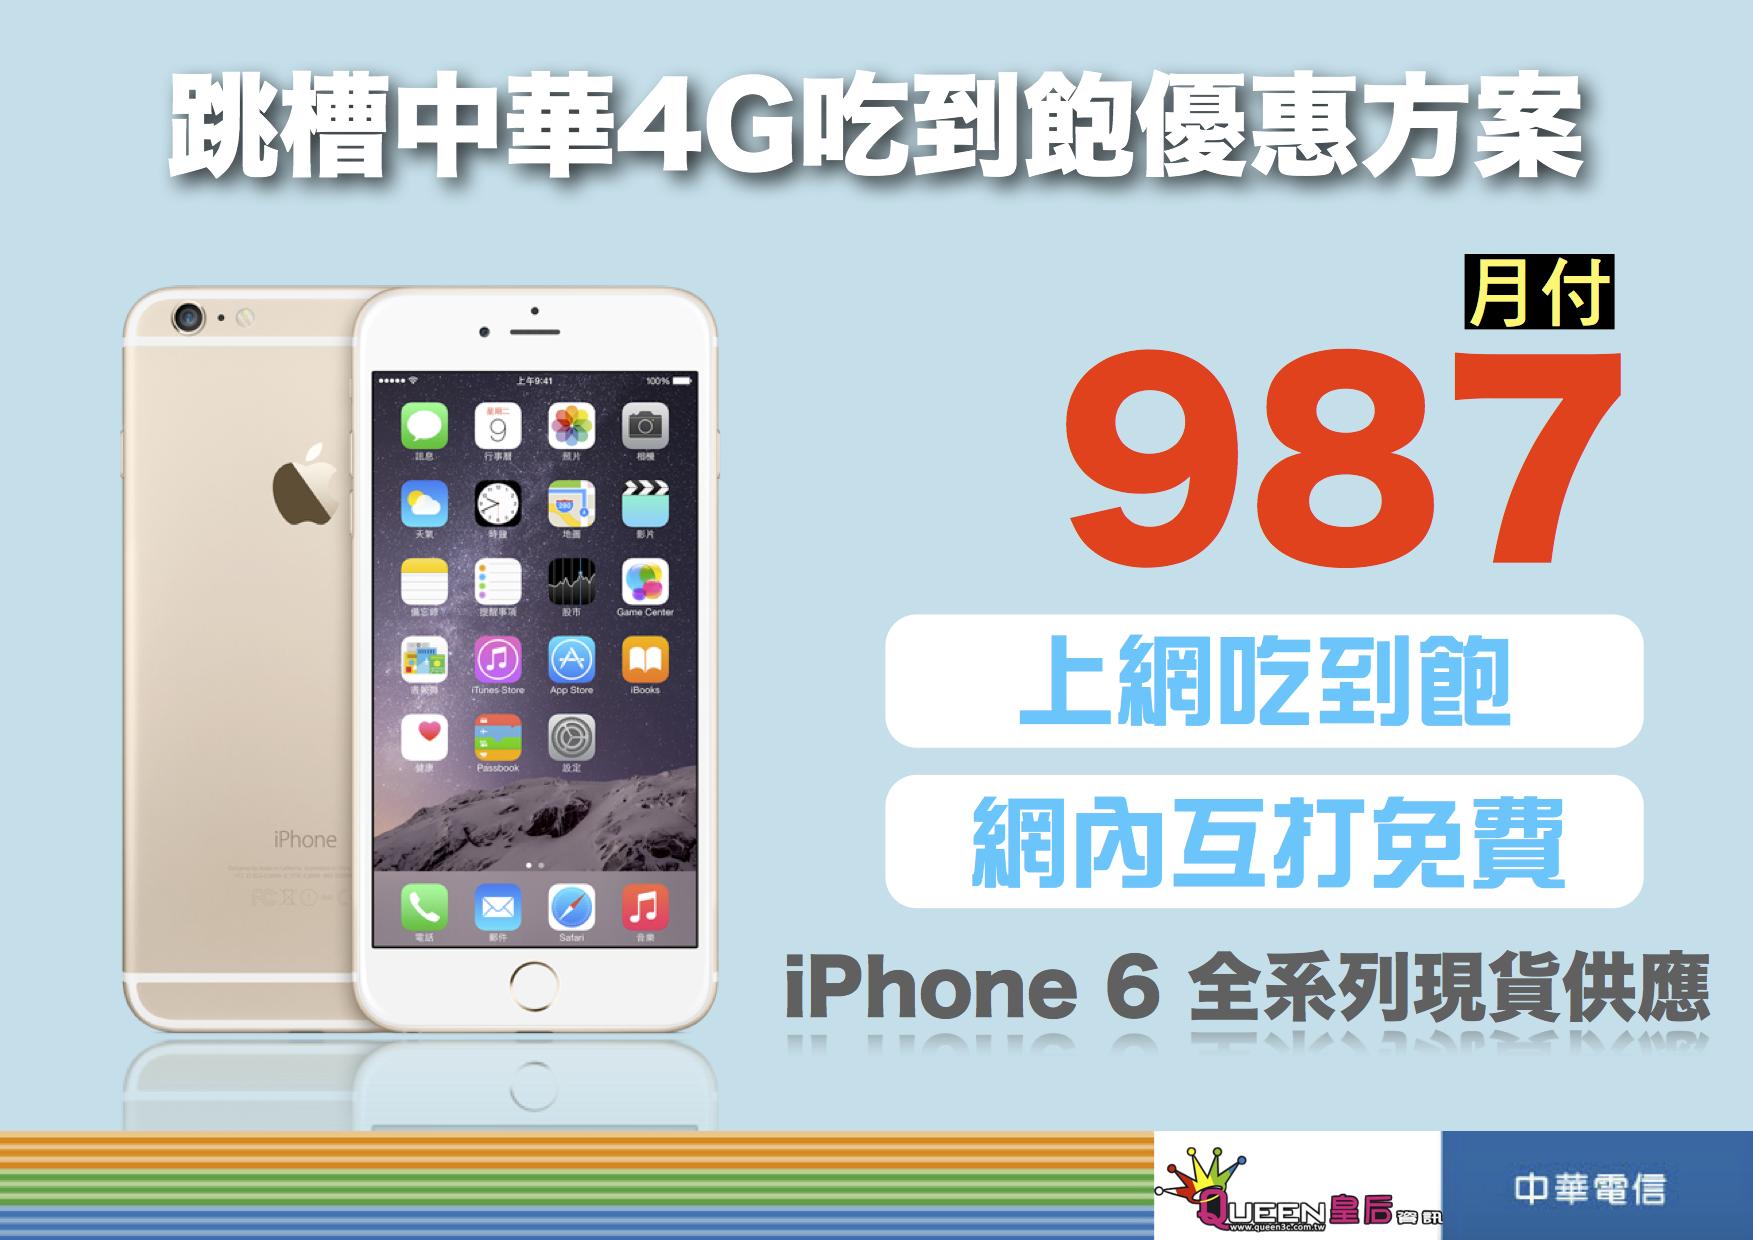 中華 987